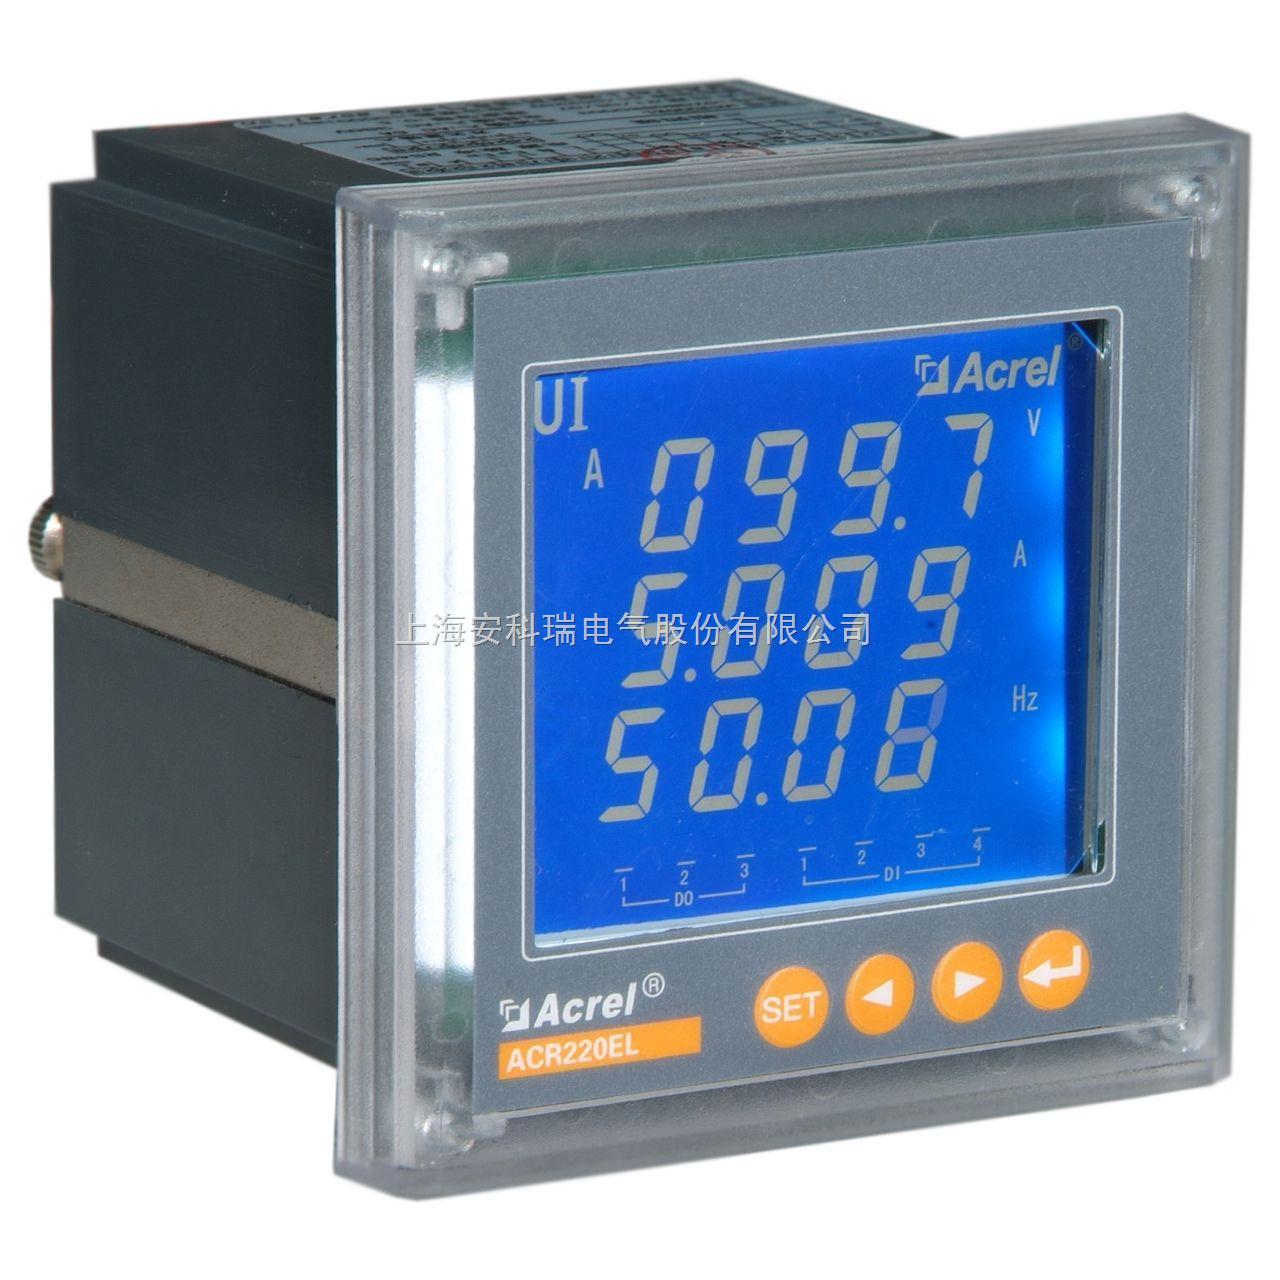 安科瑞ACR220EL多功能測控儀表